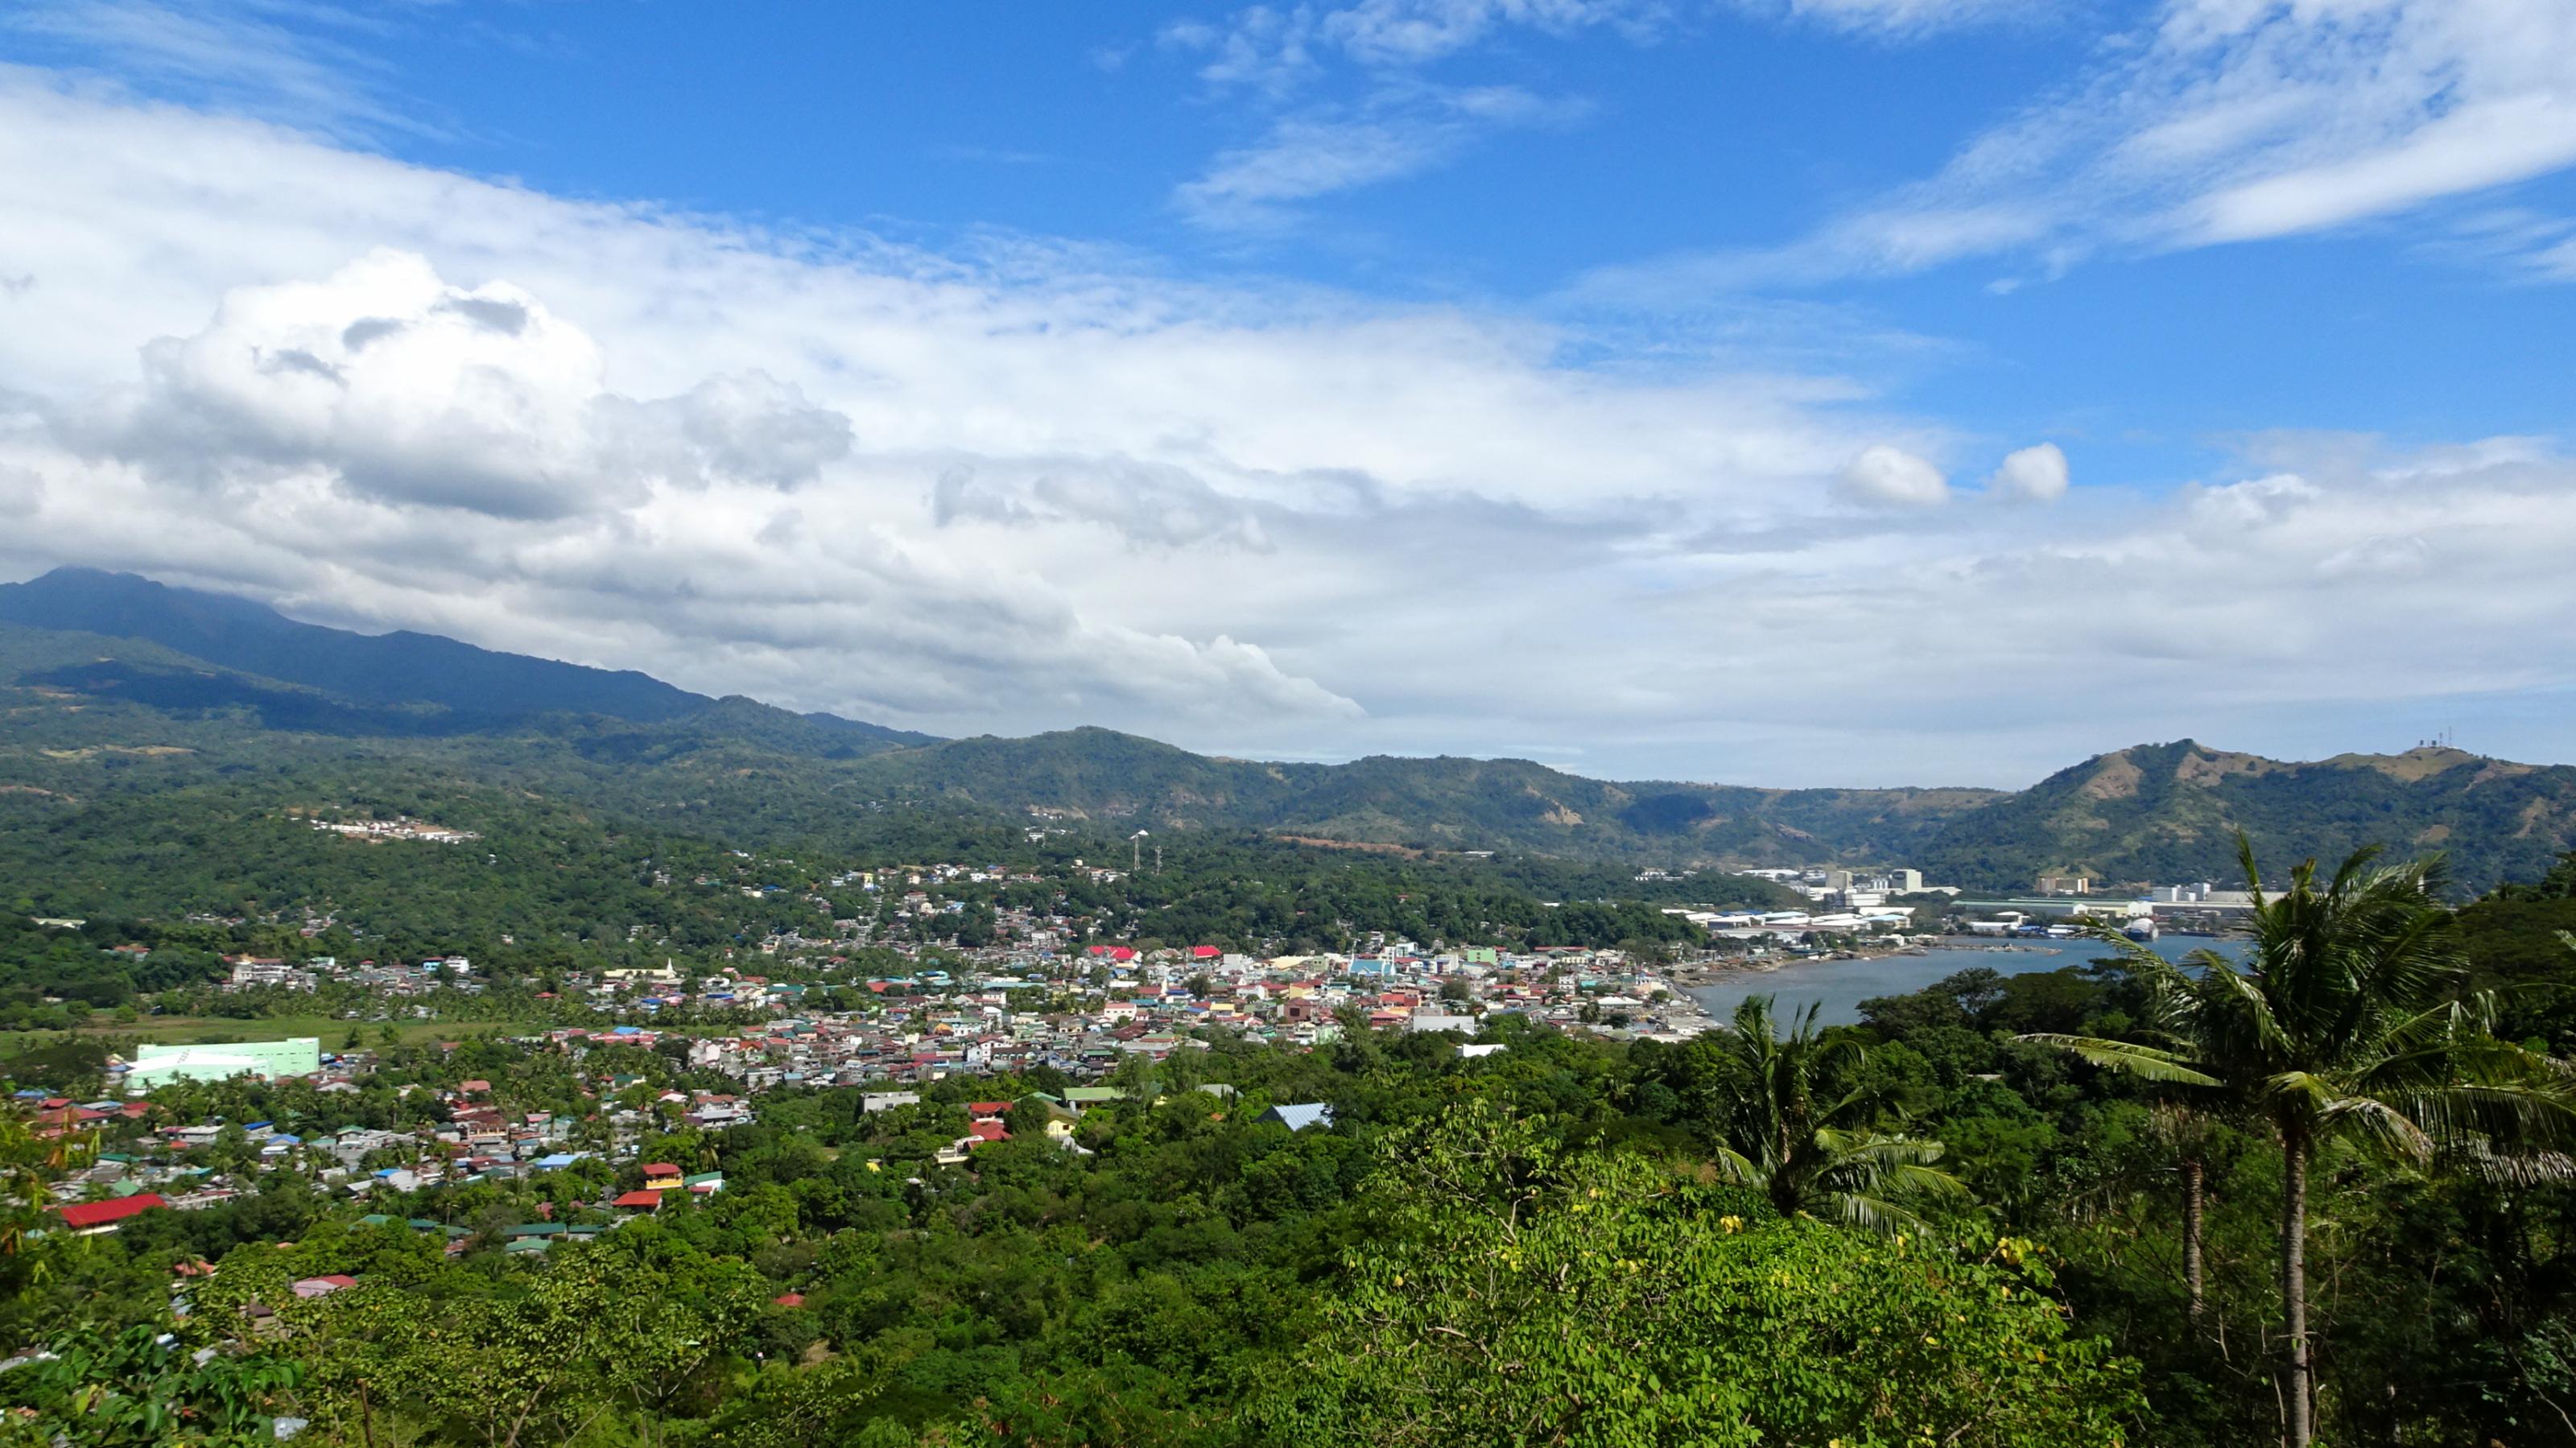 Mariveles, Bataan - Wikipedia